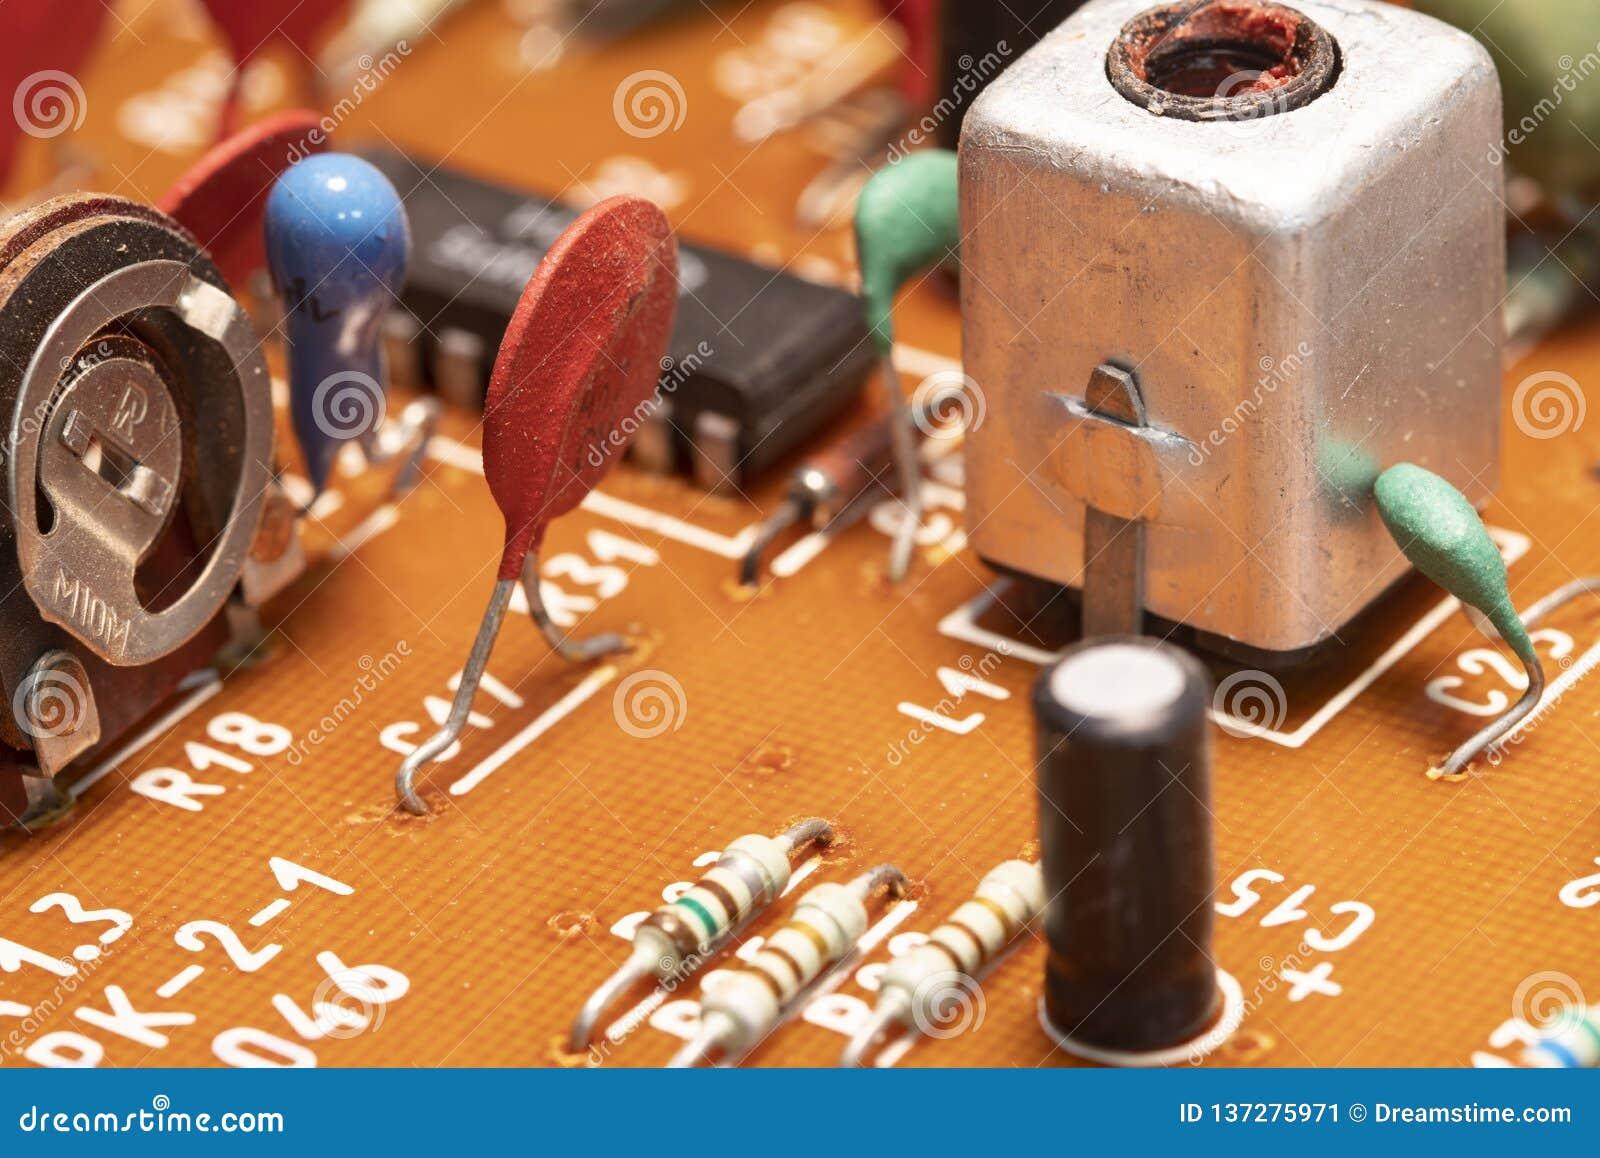 Radiocomponenten op een gedrukte kringsraad